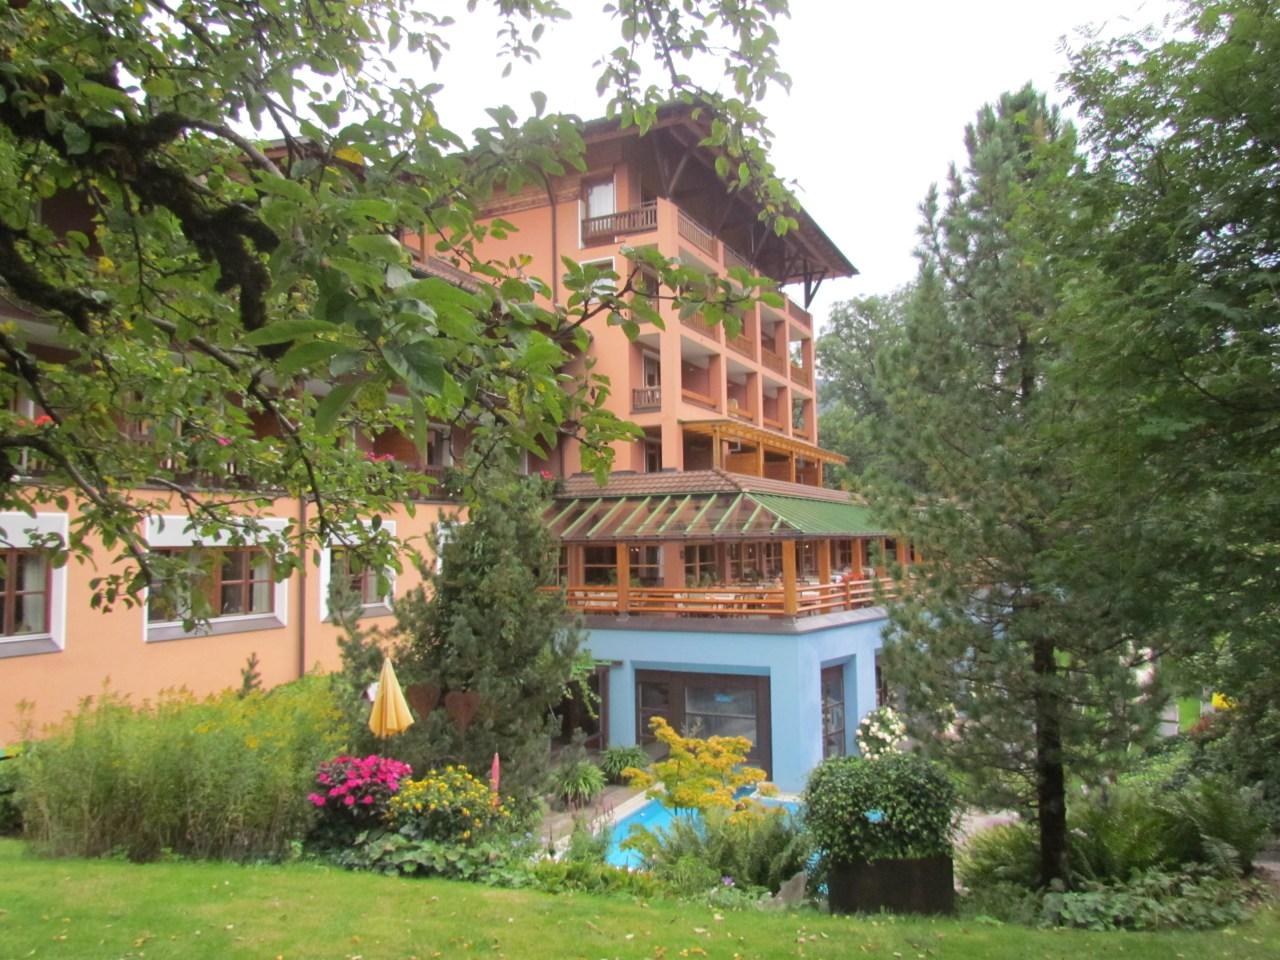 Artischocken Oliven Casollete - Montafoner Hof